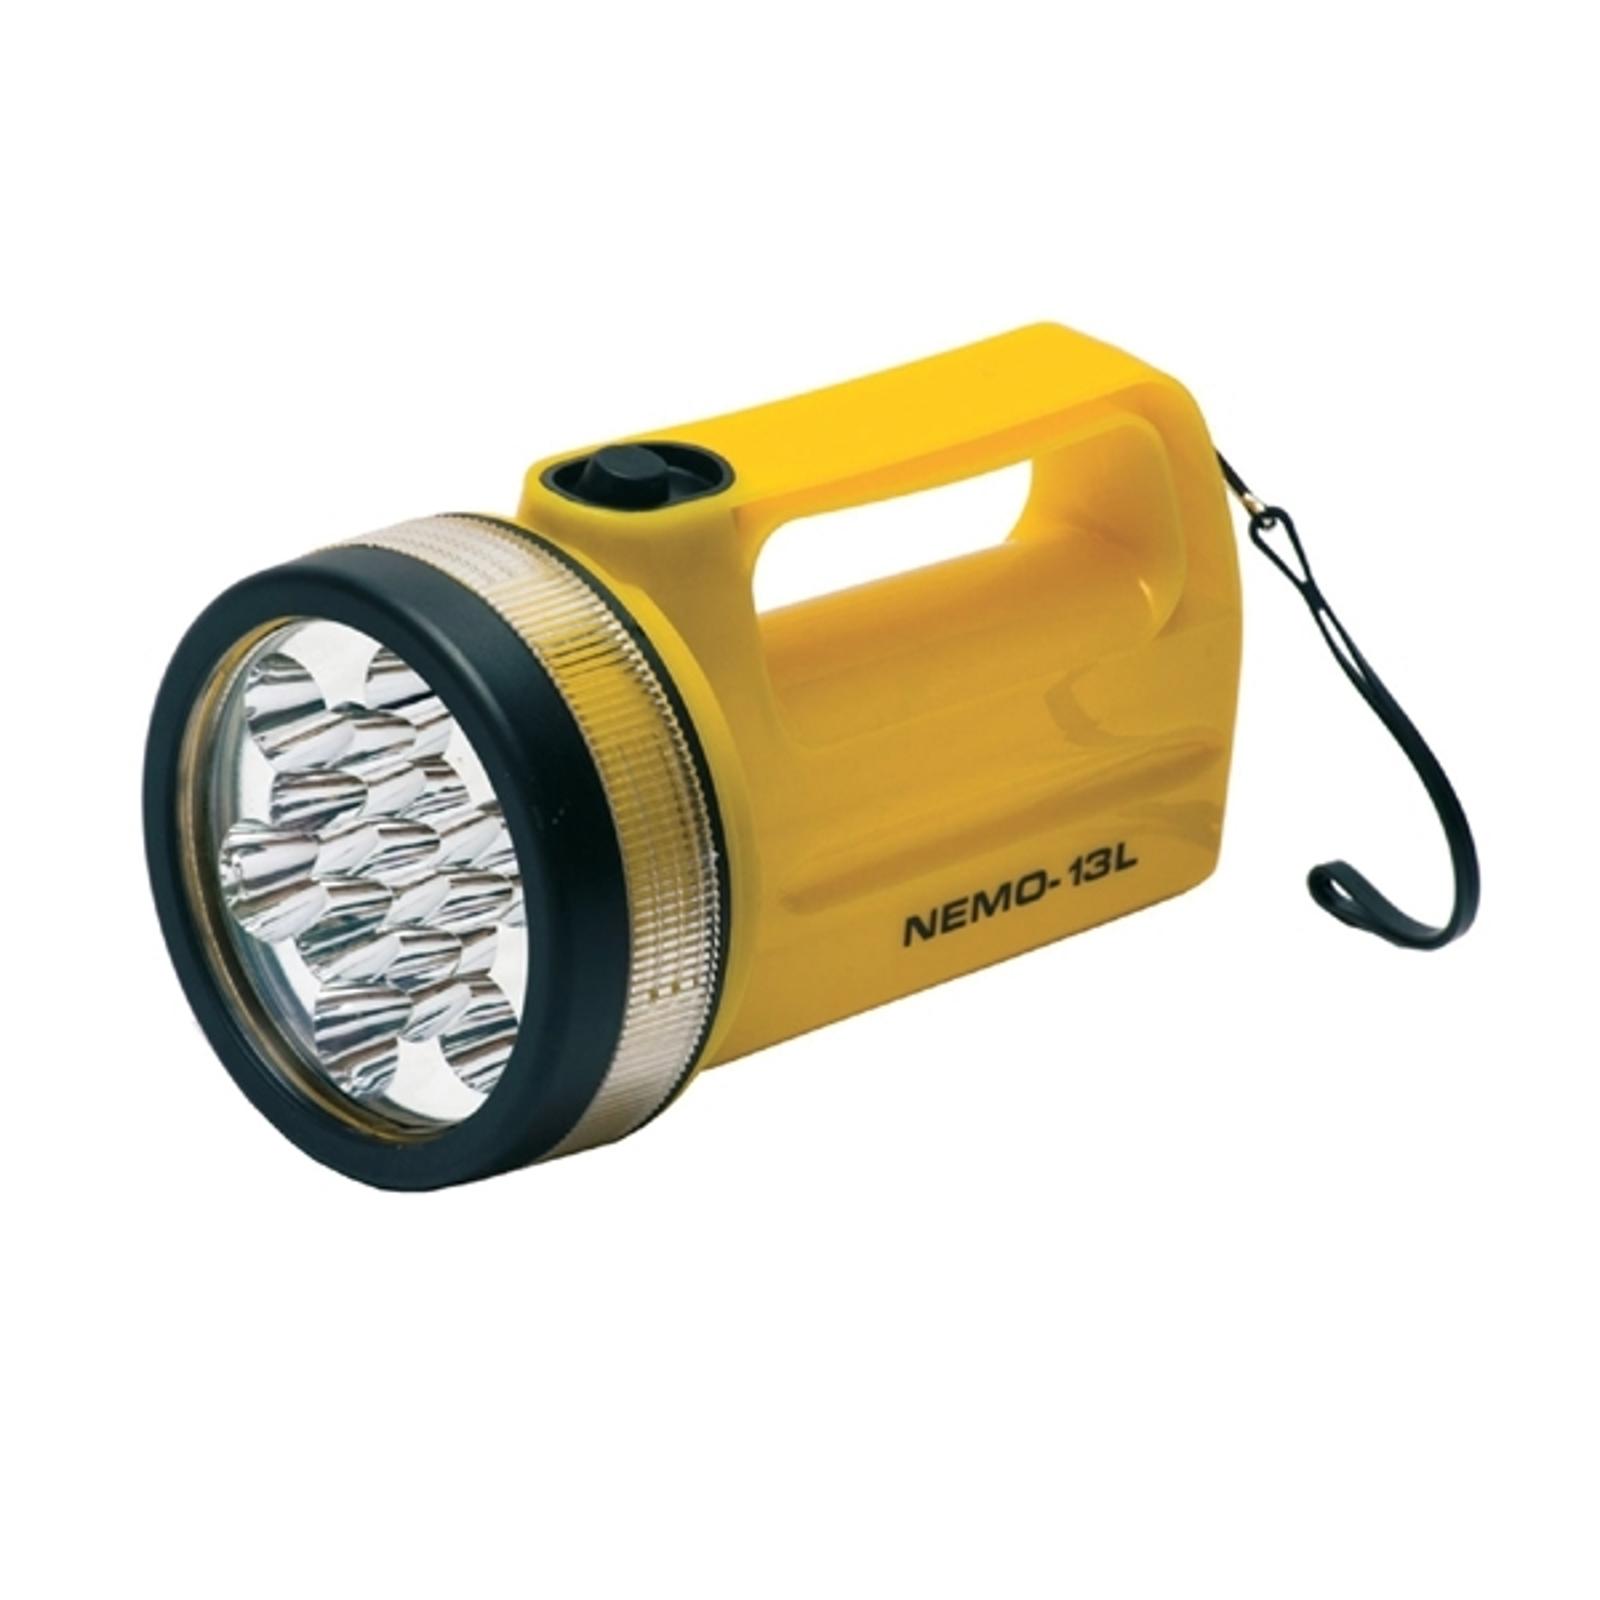 Wasserbeständiger LED-Handscheinwerfer NEMO-13L